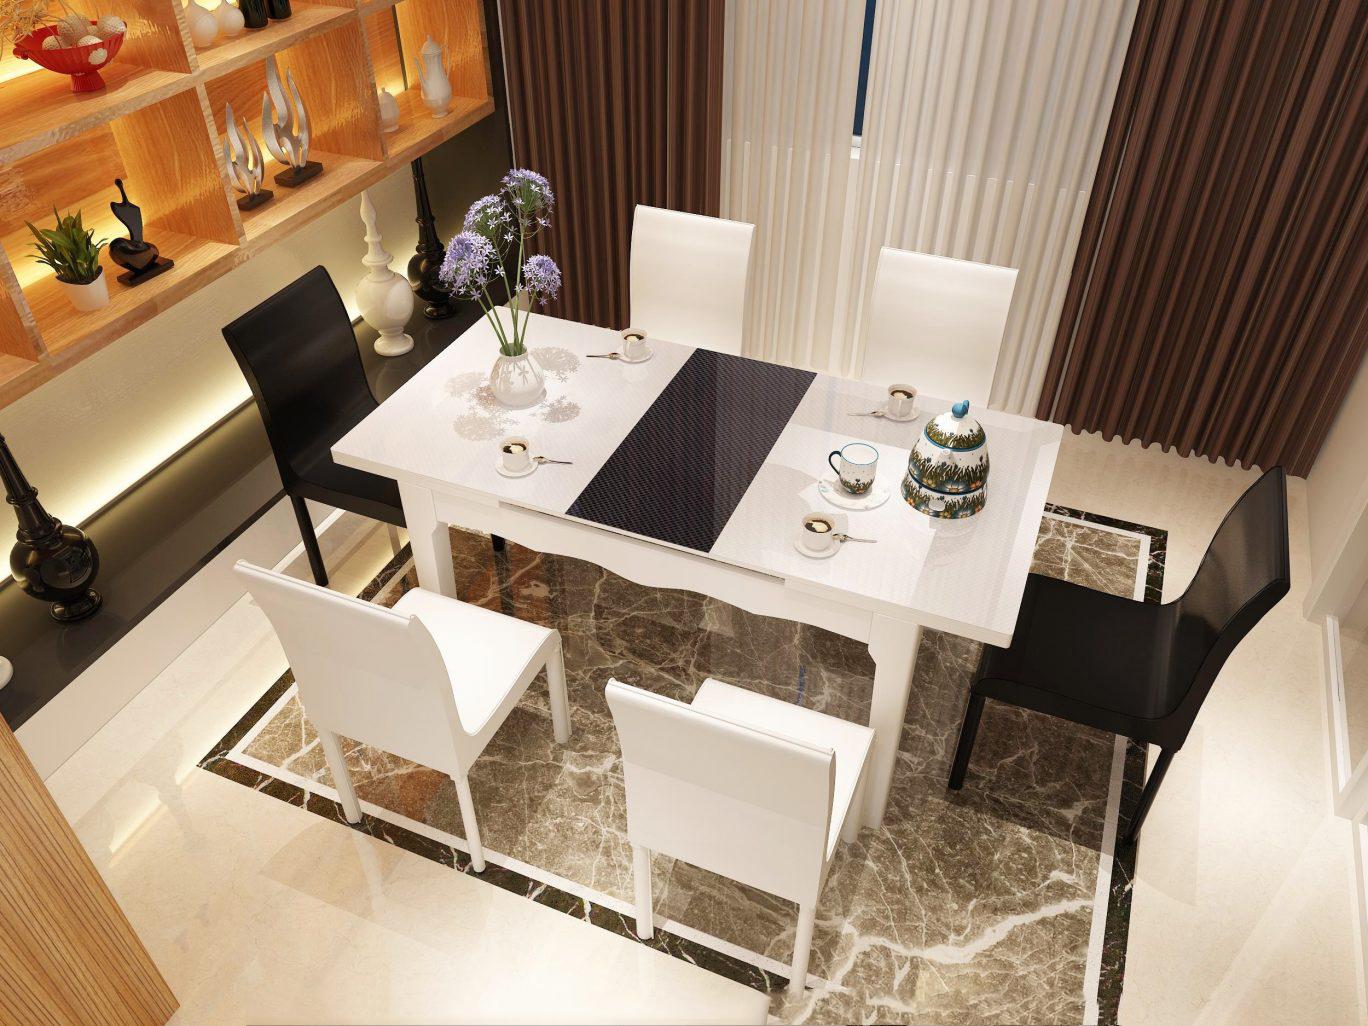 Mẫu bàn ăn đẹp, sang trọng